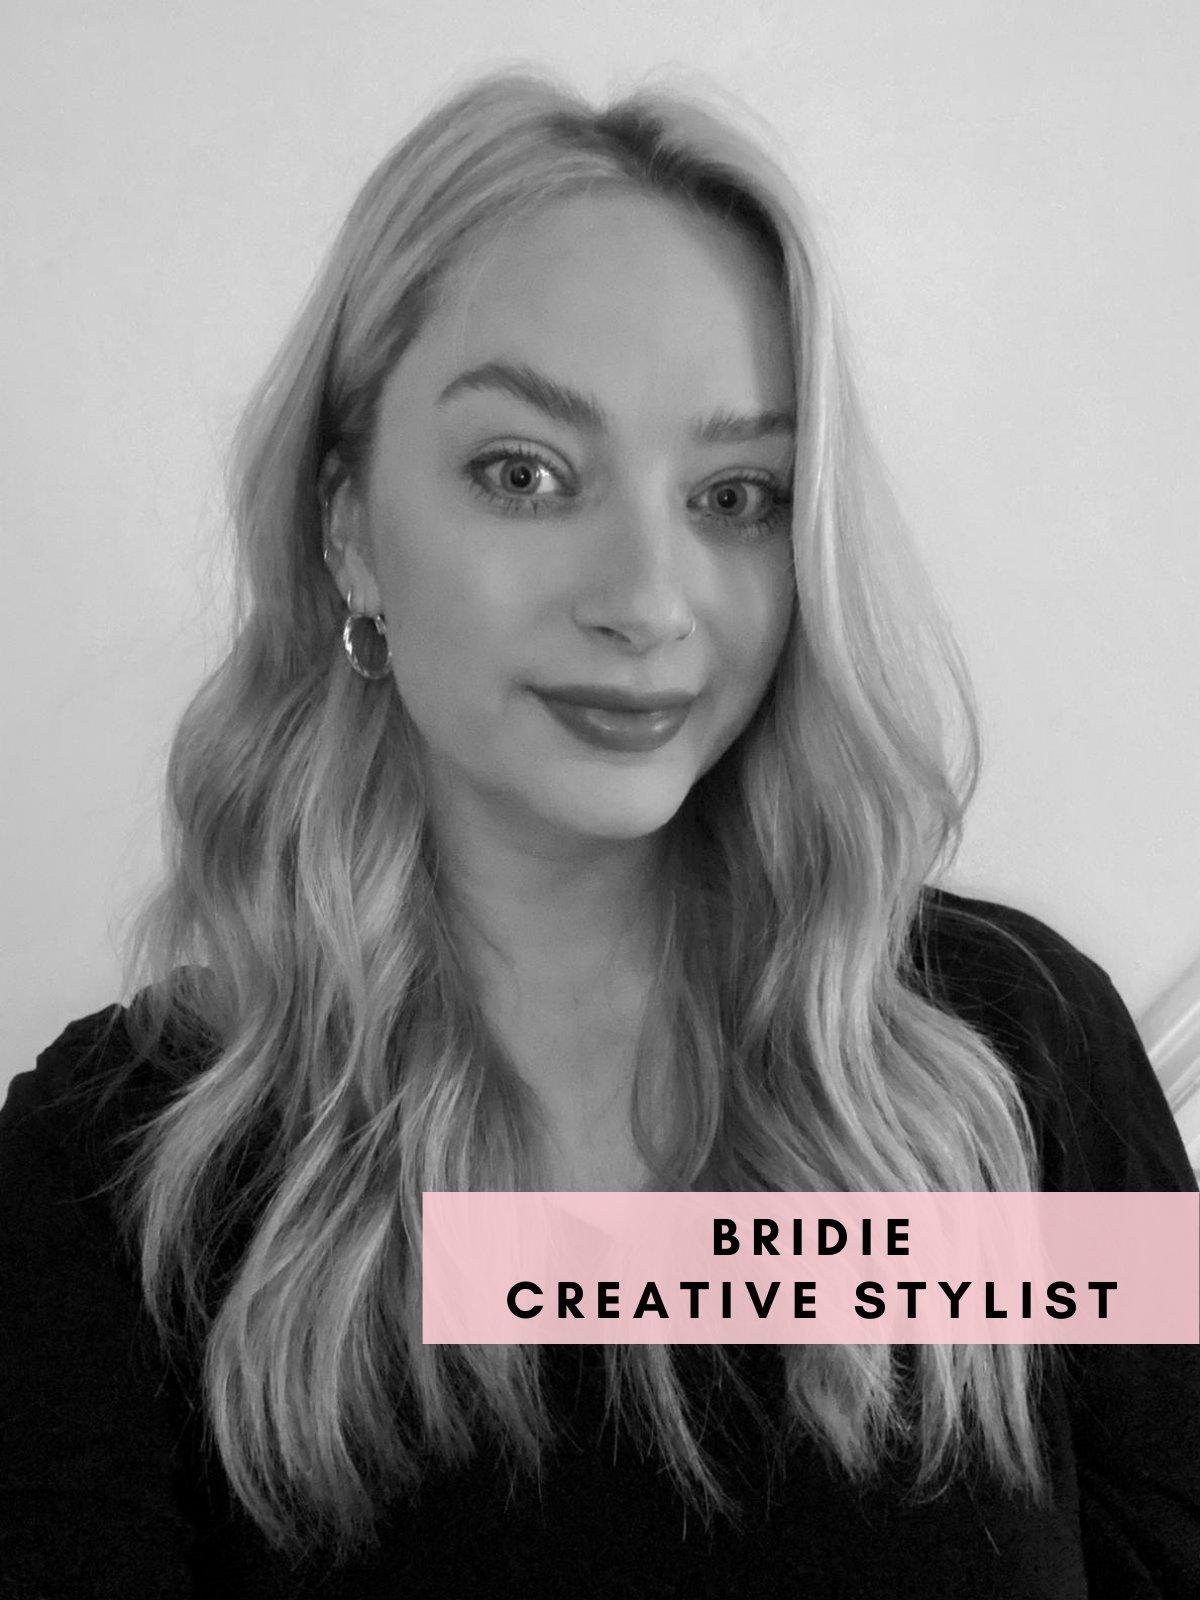 Bridie – Creative Stylist